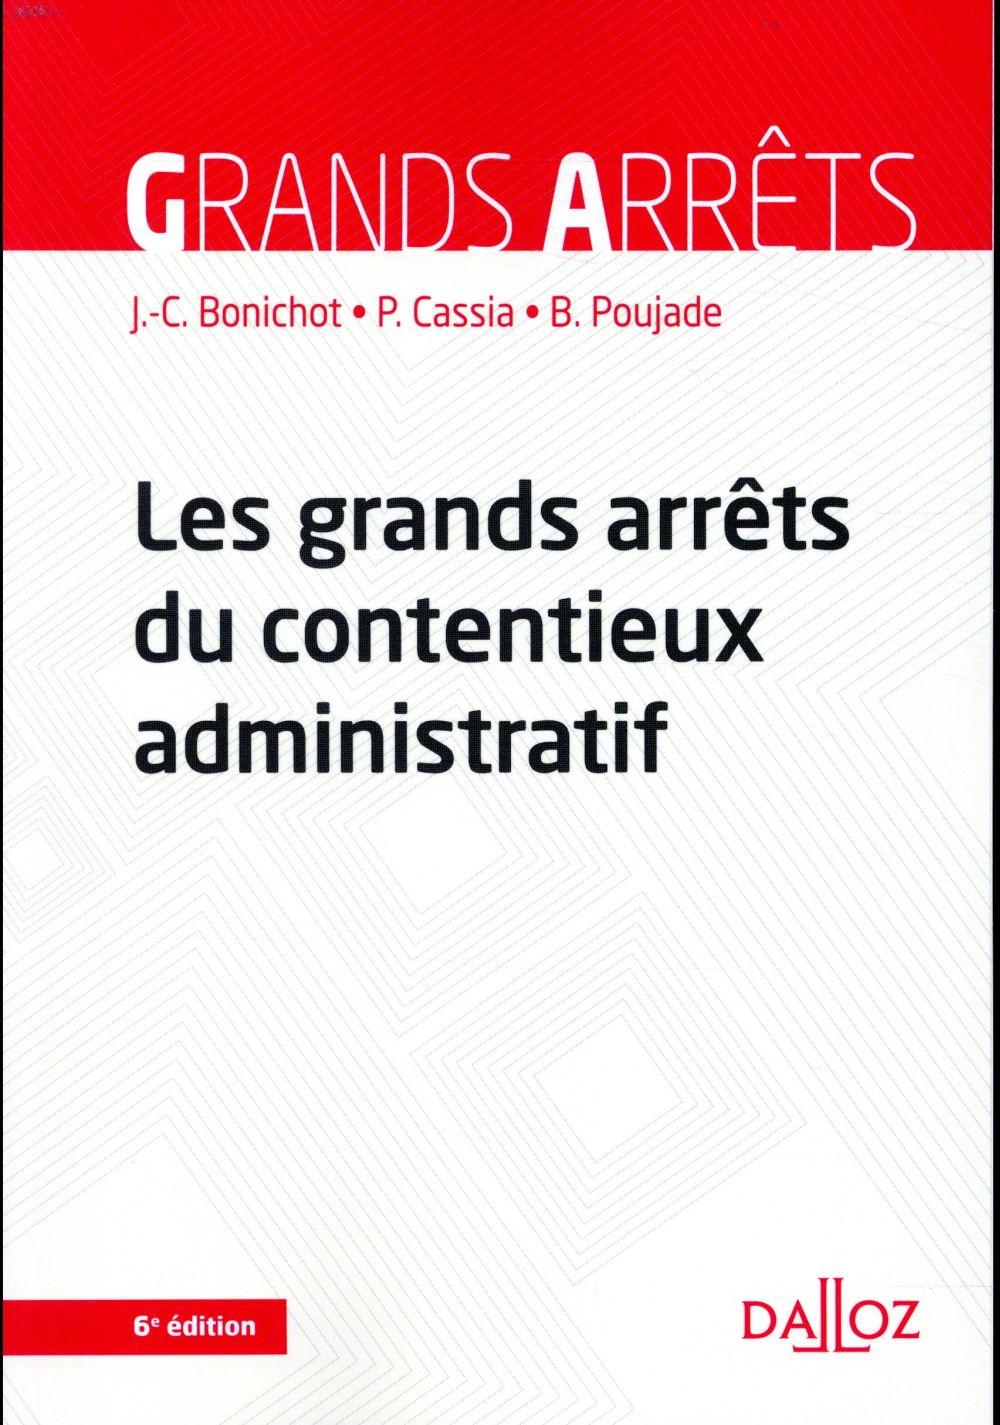 Les grands arrêts du contentieux administratif (6e édition)